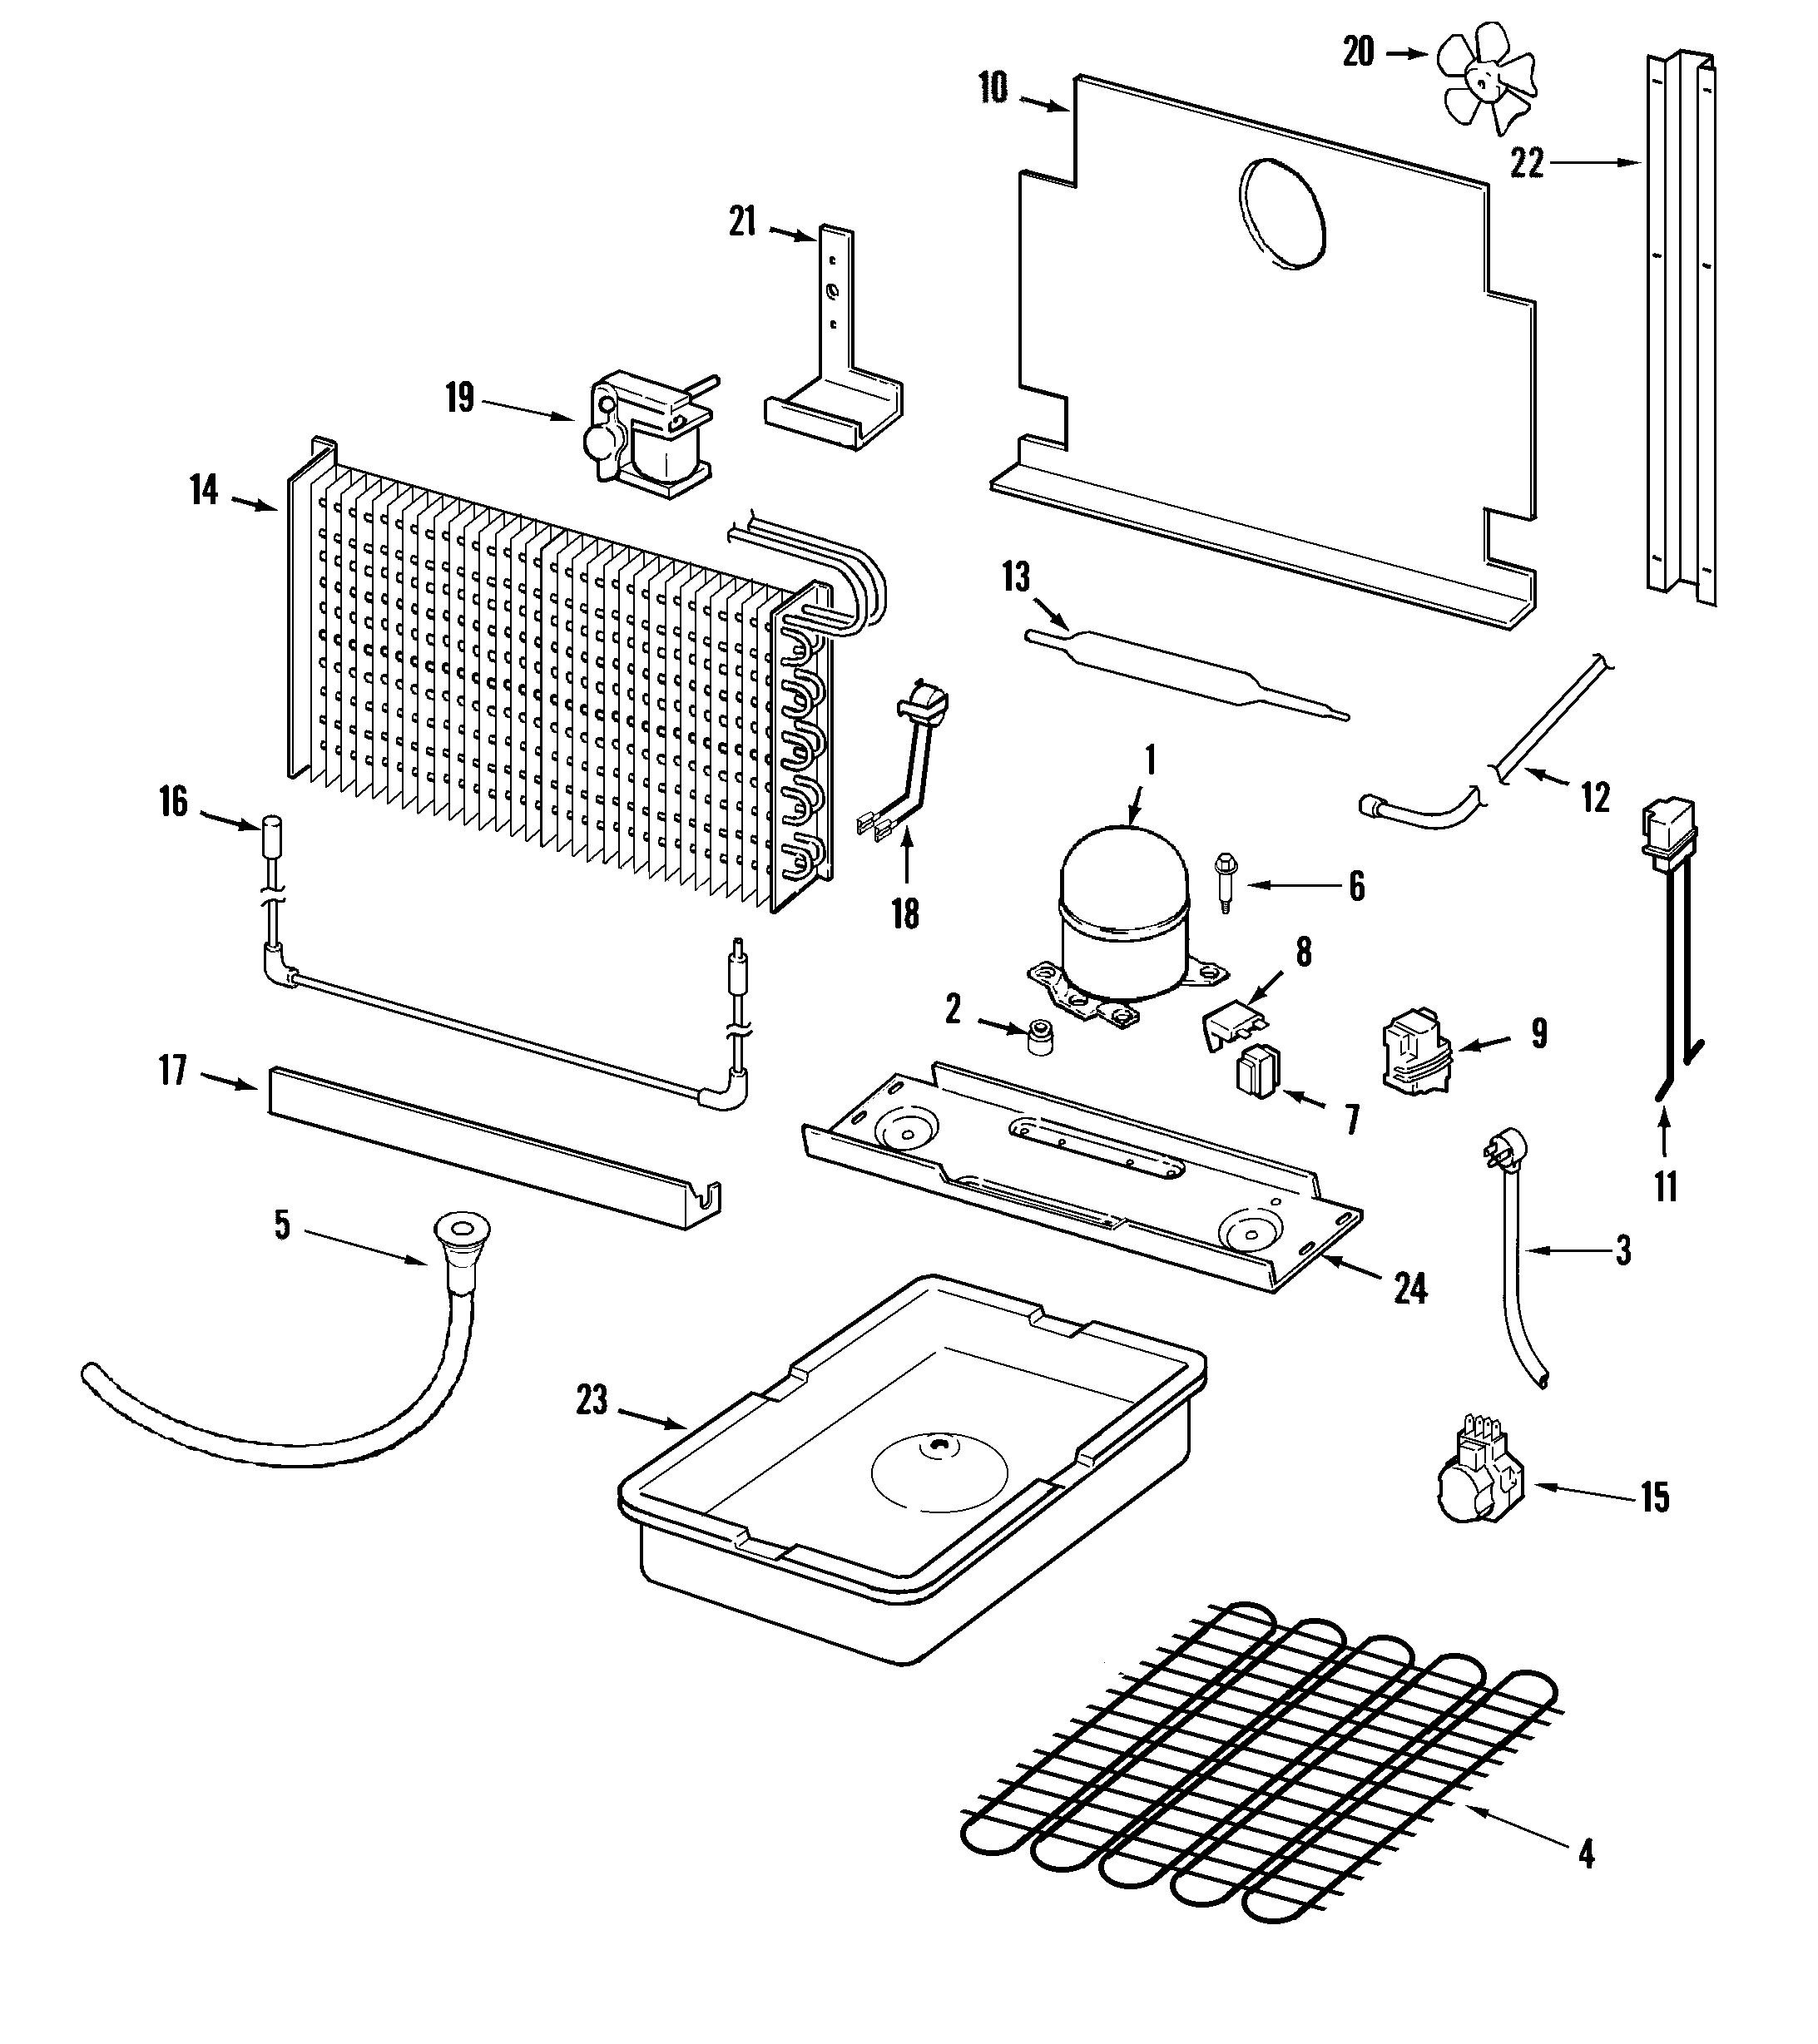 Amana  Amana Upright Freezer  Unit compartment & system